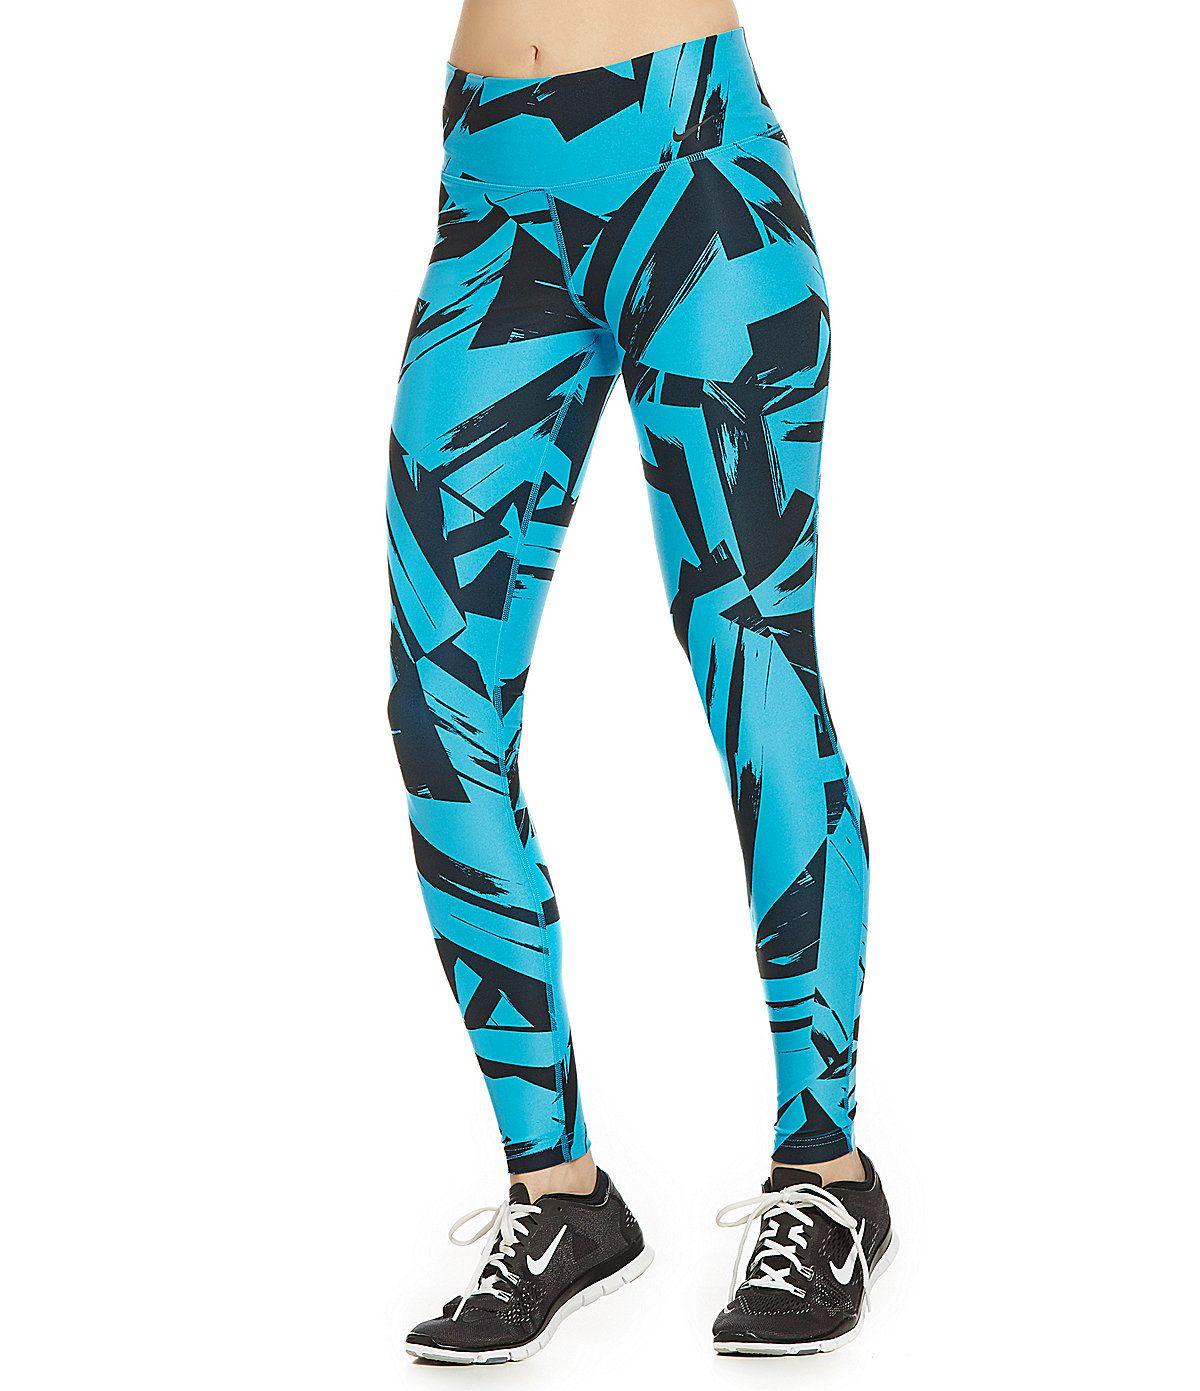 Nike Legend 2.0 Floe Paint Swipe-Print Tights Leggings  3ea3d56e91a3